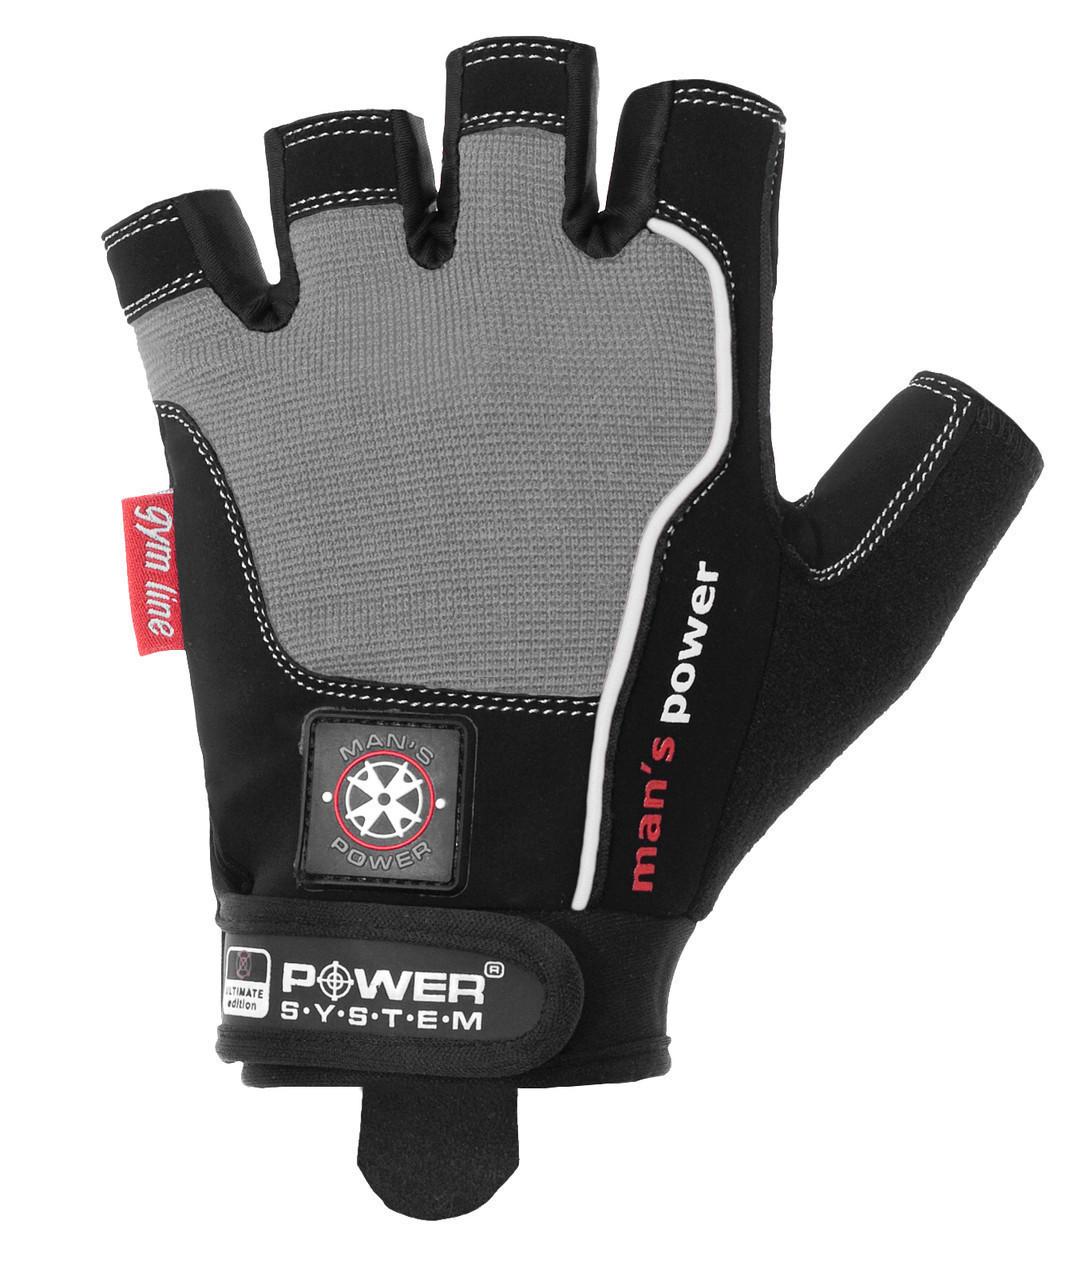 Перчатки для фитнеса и тяжелой атлетики Power System Man's Power PS-2580 XL Black/Grey